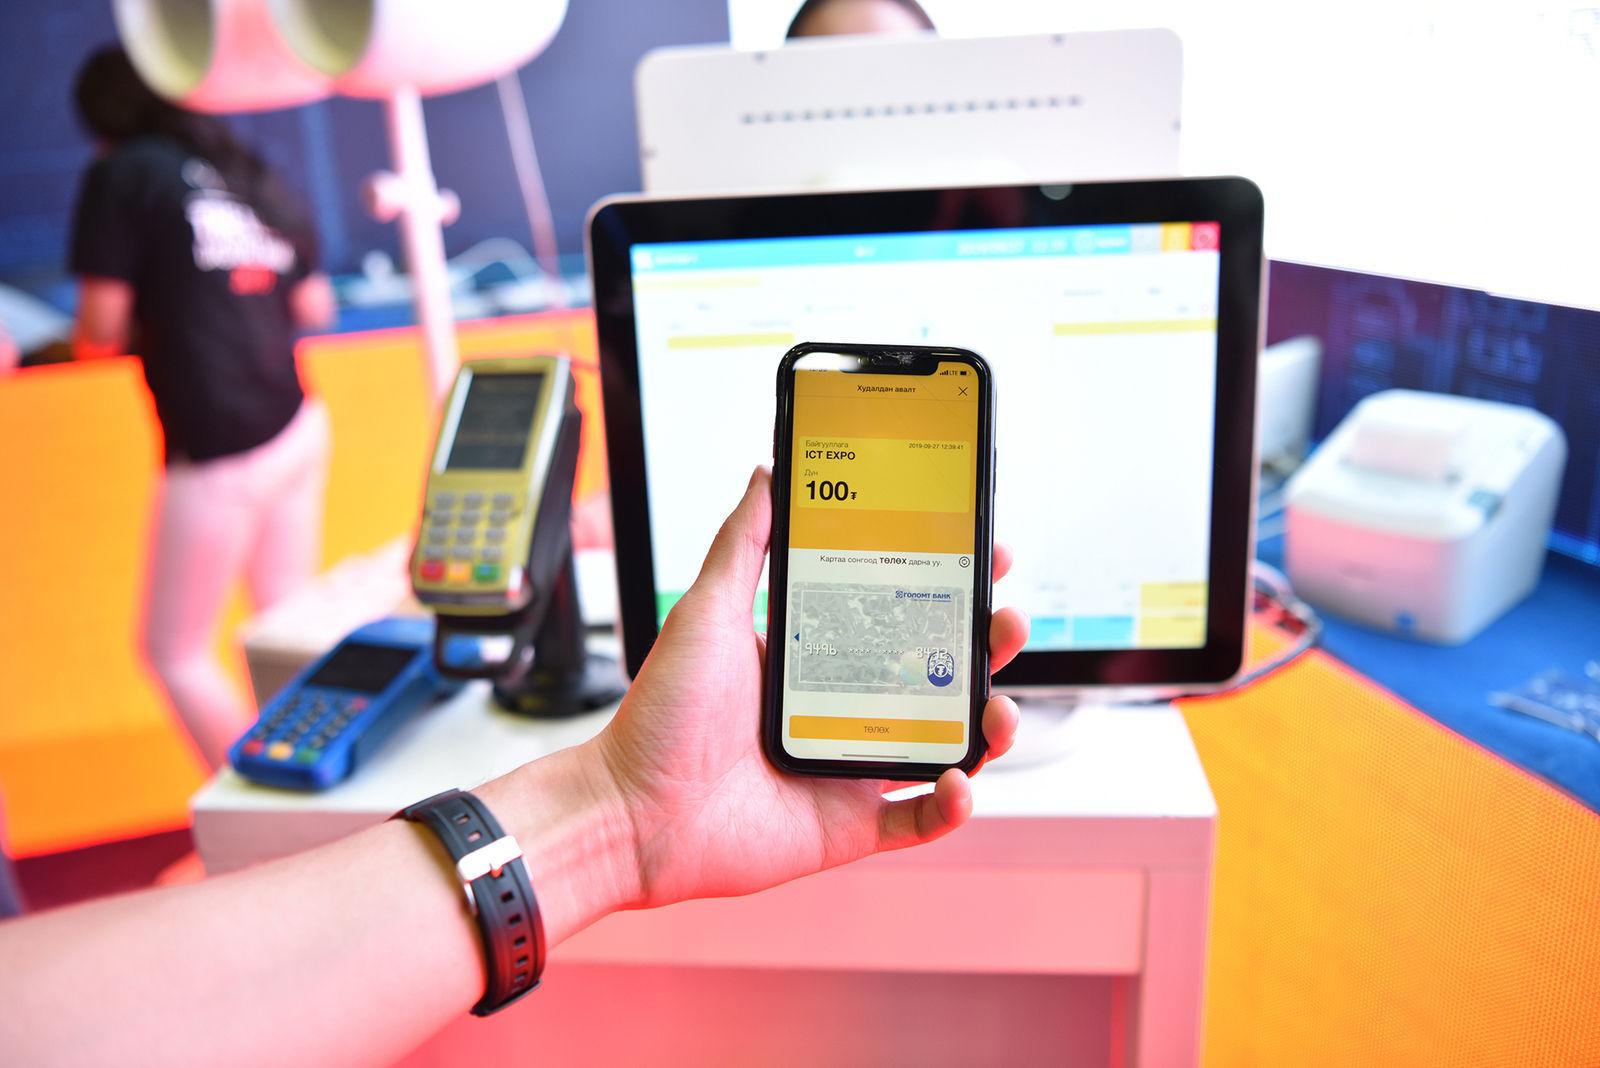 """0d783e_TLG_5695_x974 Дижитал банкны үйлчилгээгээр тэргүүлэгч Голомт банк """"ICT Expo 2019"""" үзэсгэлэнд оролцож байна"""